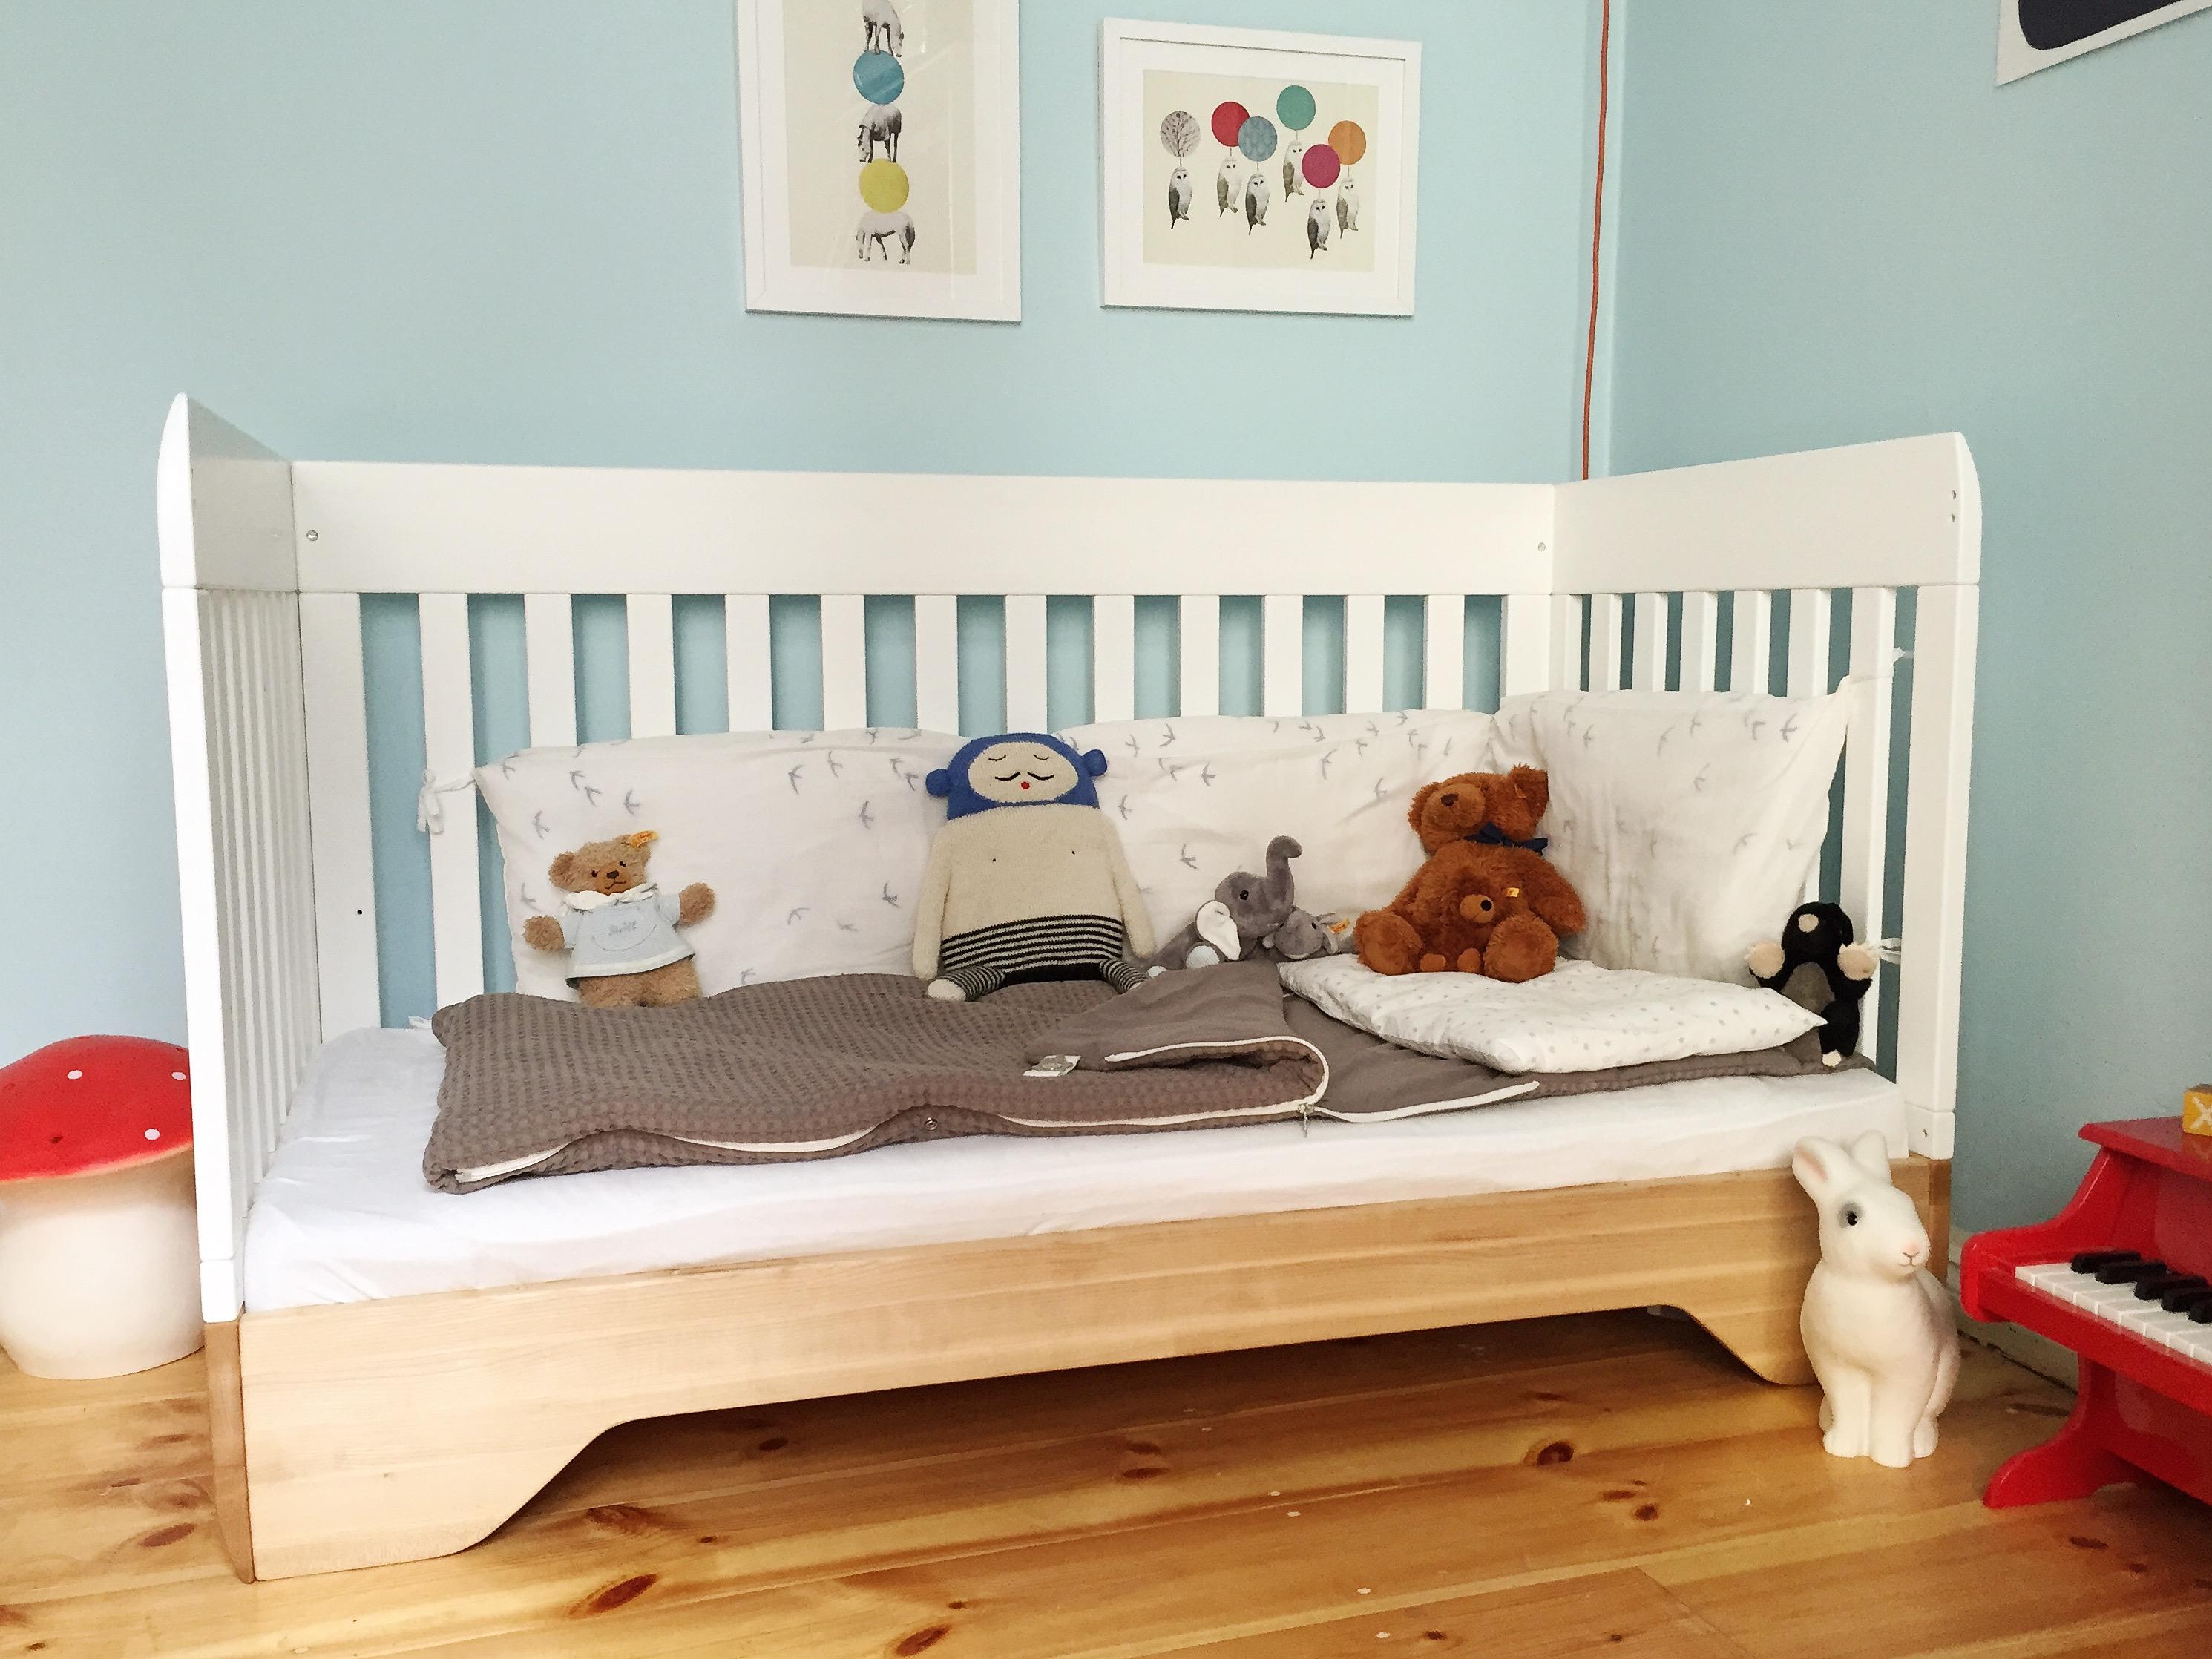 baby klettert aus dem gitterbett babyprogramm von team 7 im einrichtungshaus h lzlwimmer ab. Black Bedroom Furniture Sets. Home Design Ideas